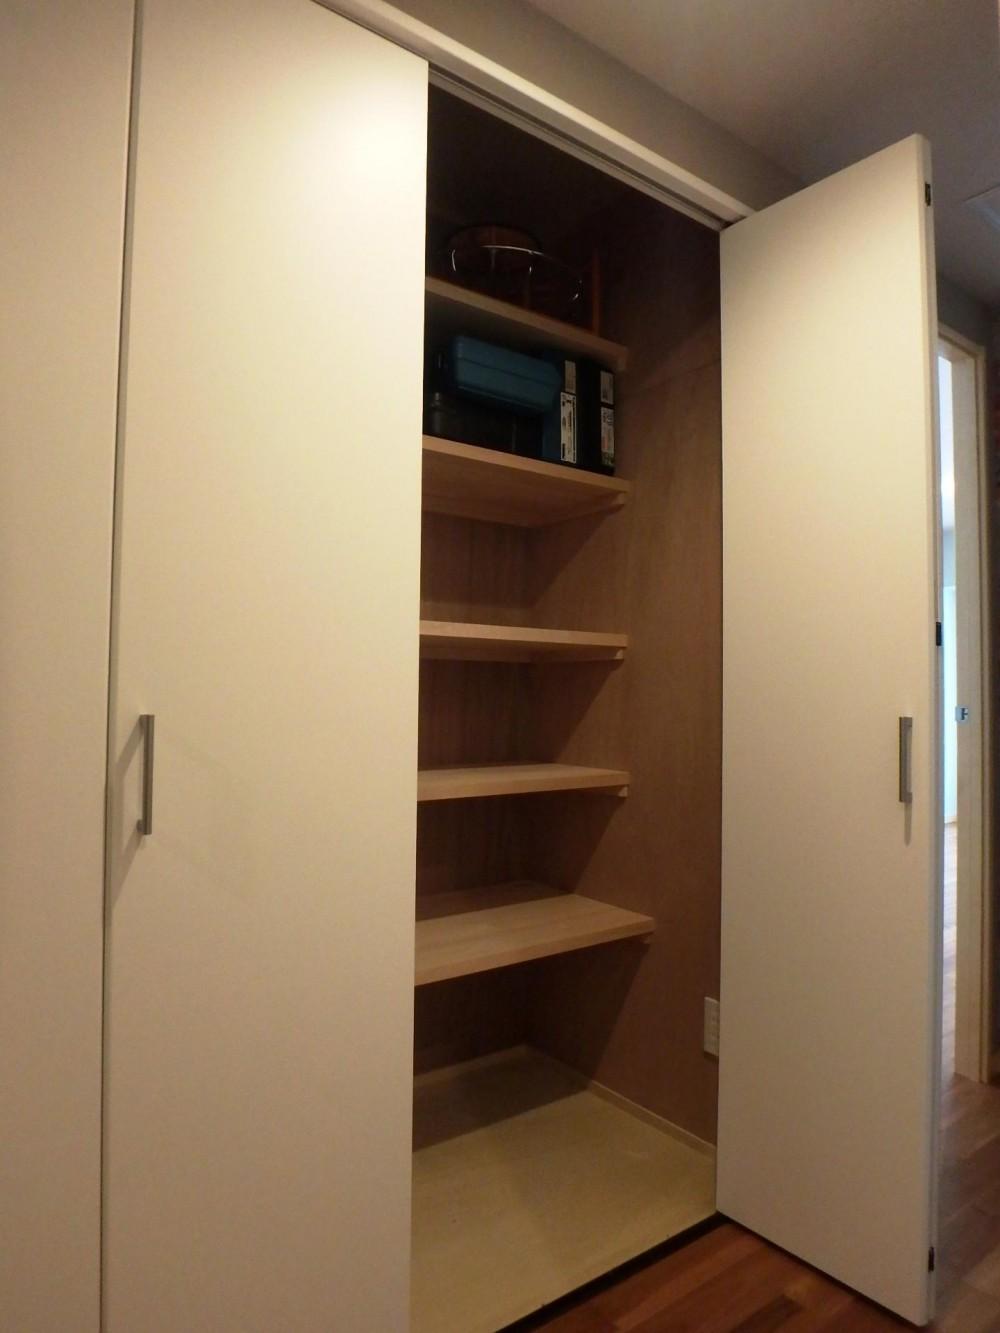 キッチンを楽しむリノベーション ~トラディショナル・ネオボタニカル~ (奥行き抜群!大容量の廊下収納。)